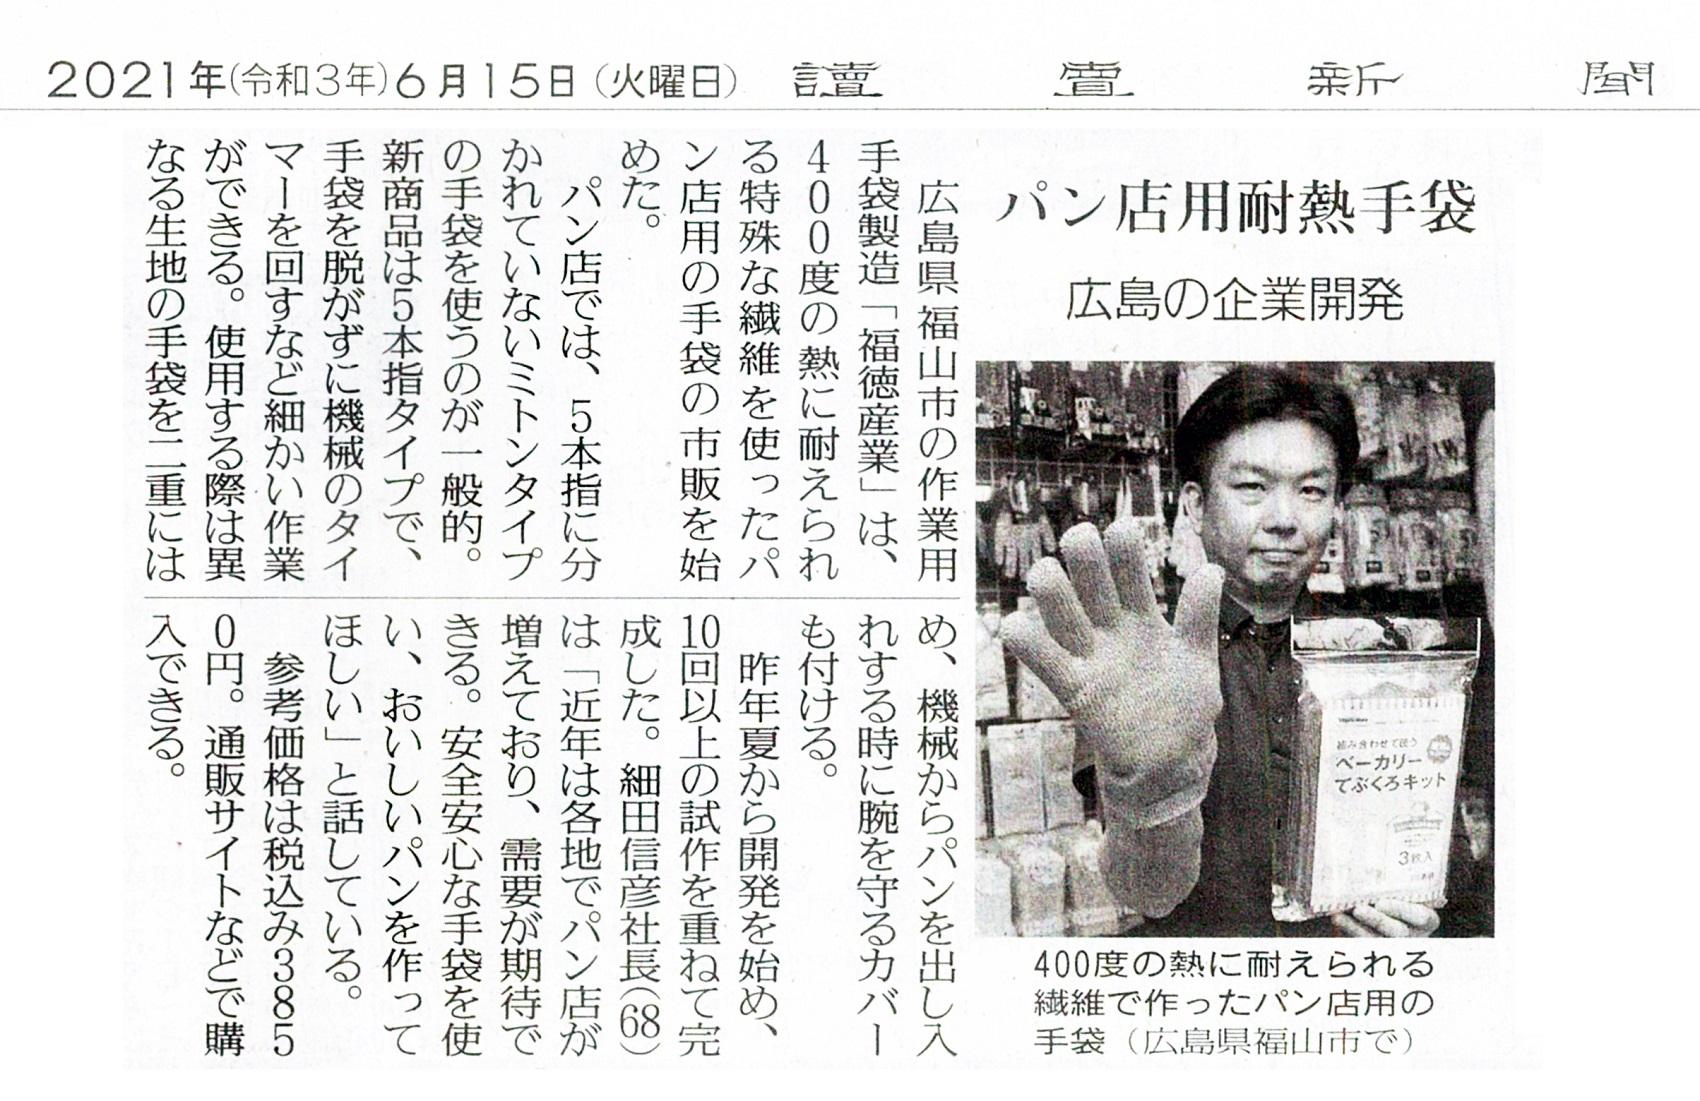 3ベーカリー手袋読売新聞記事のみ-1